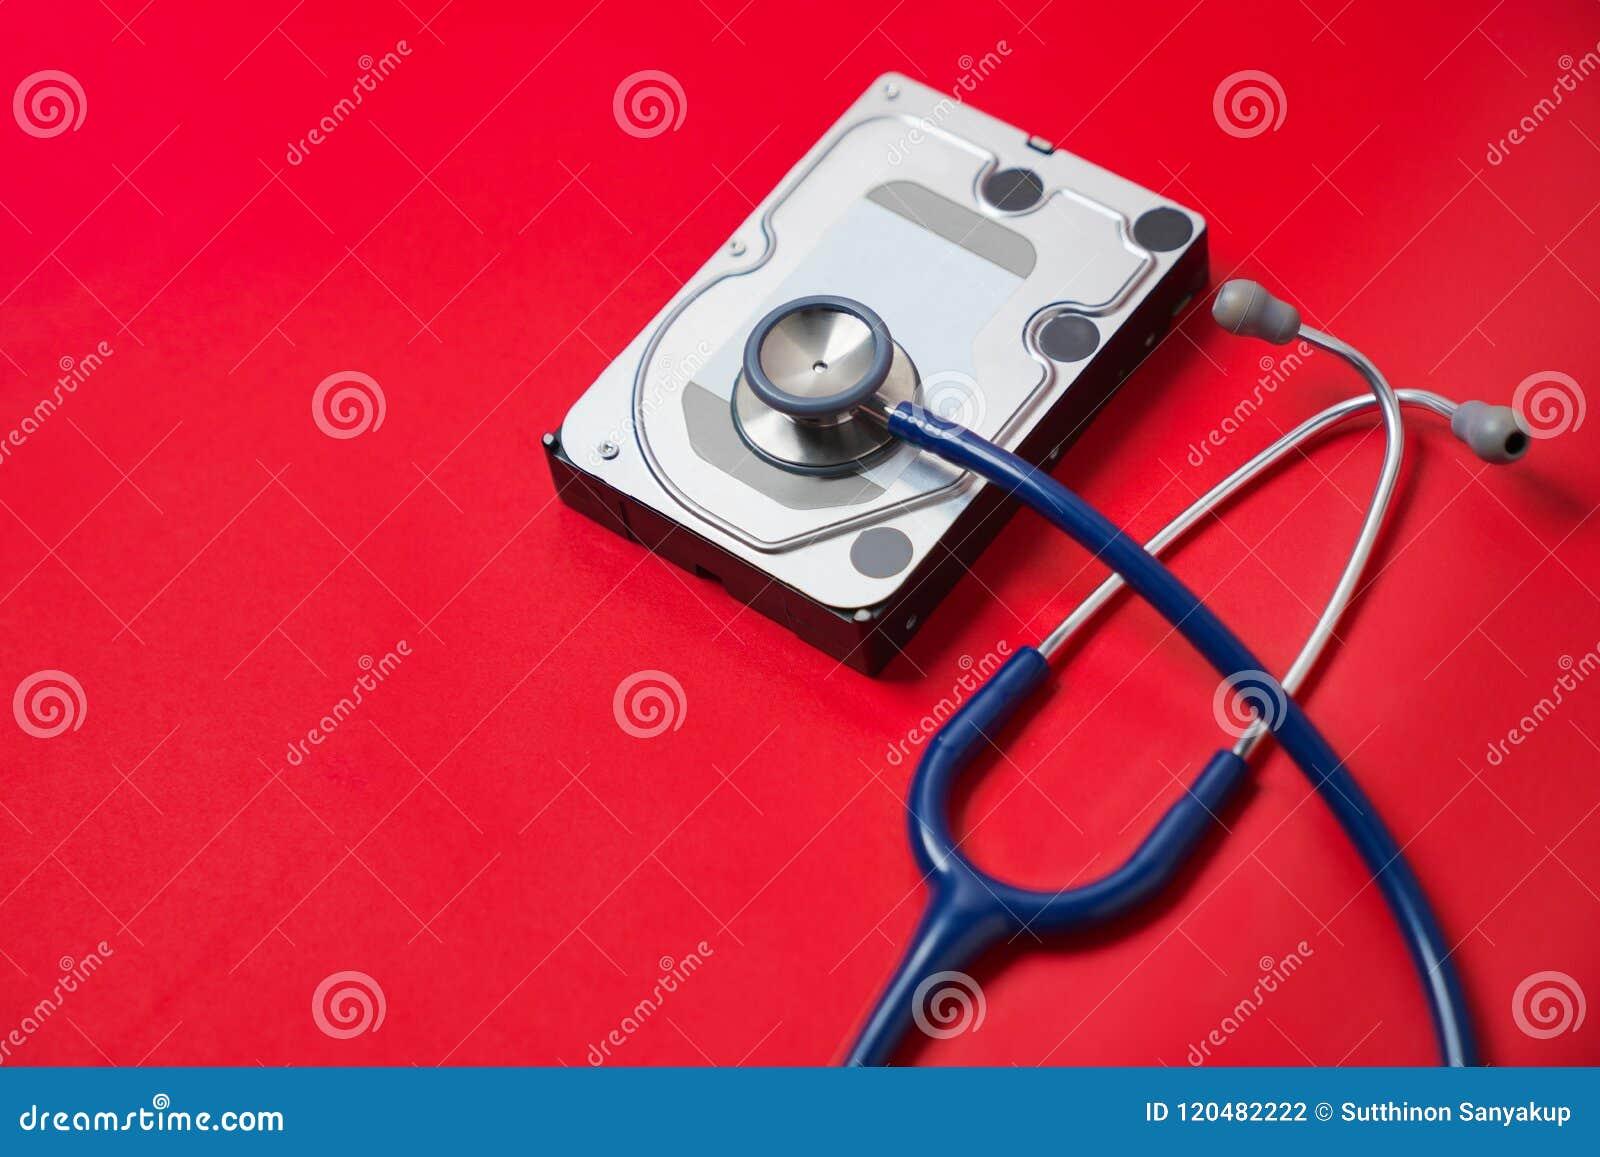 Stetoskop- och hårddiskdrev på röd bakgrund Diagnostisk datormaskinvara och reparationsbegrepp